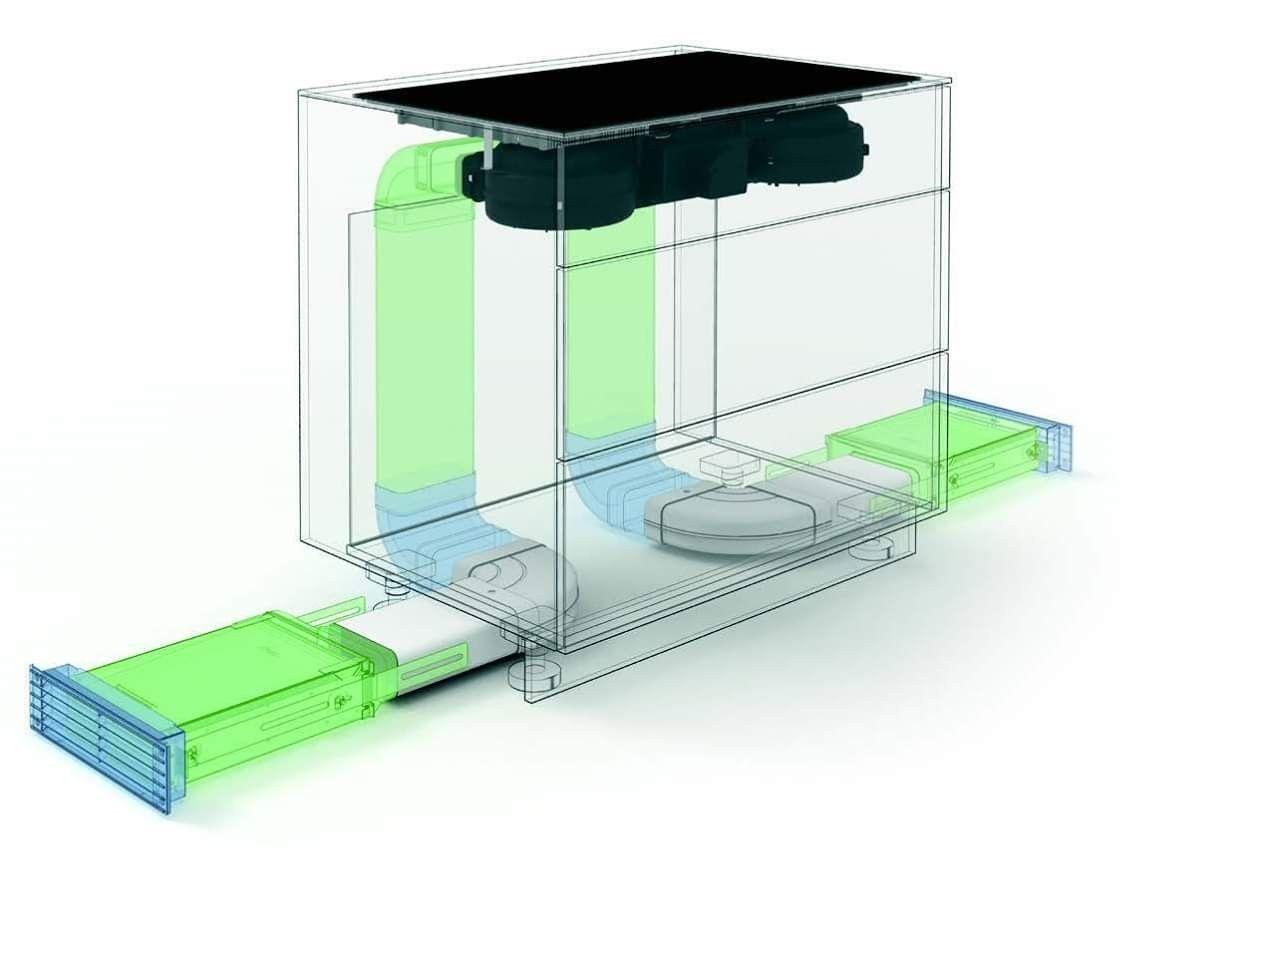 Dunstabzugshaube höhe über kochfeld mehr ergonomie in der küche